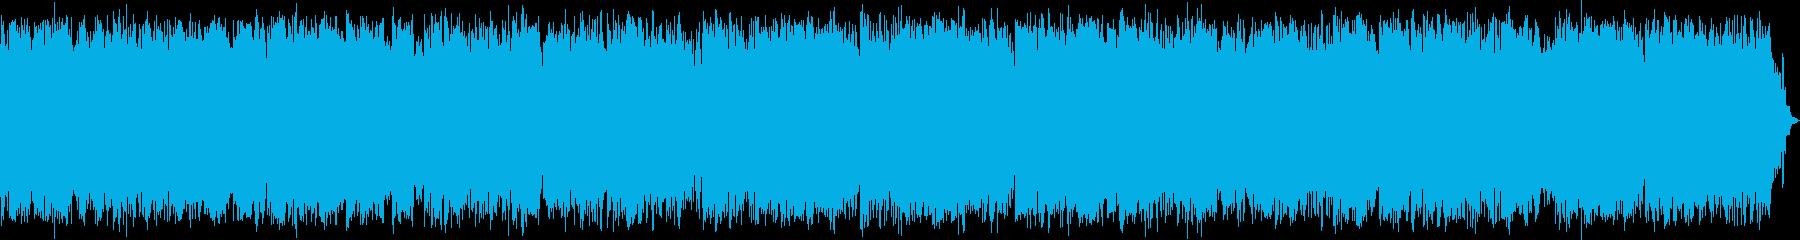 これはダブルバスドラムの荒れ狂う、...の再生済みの波形